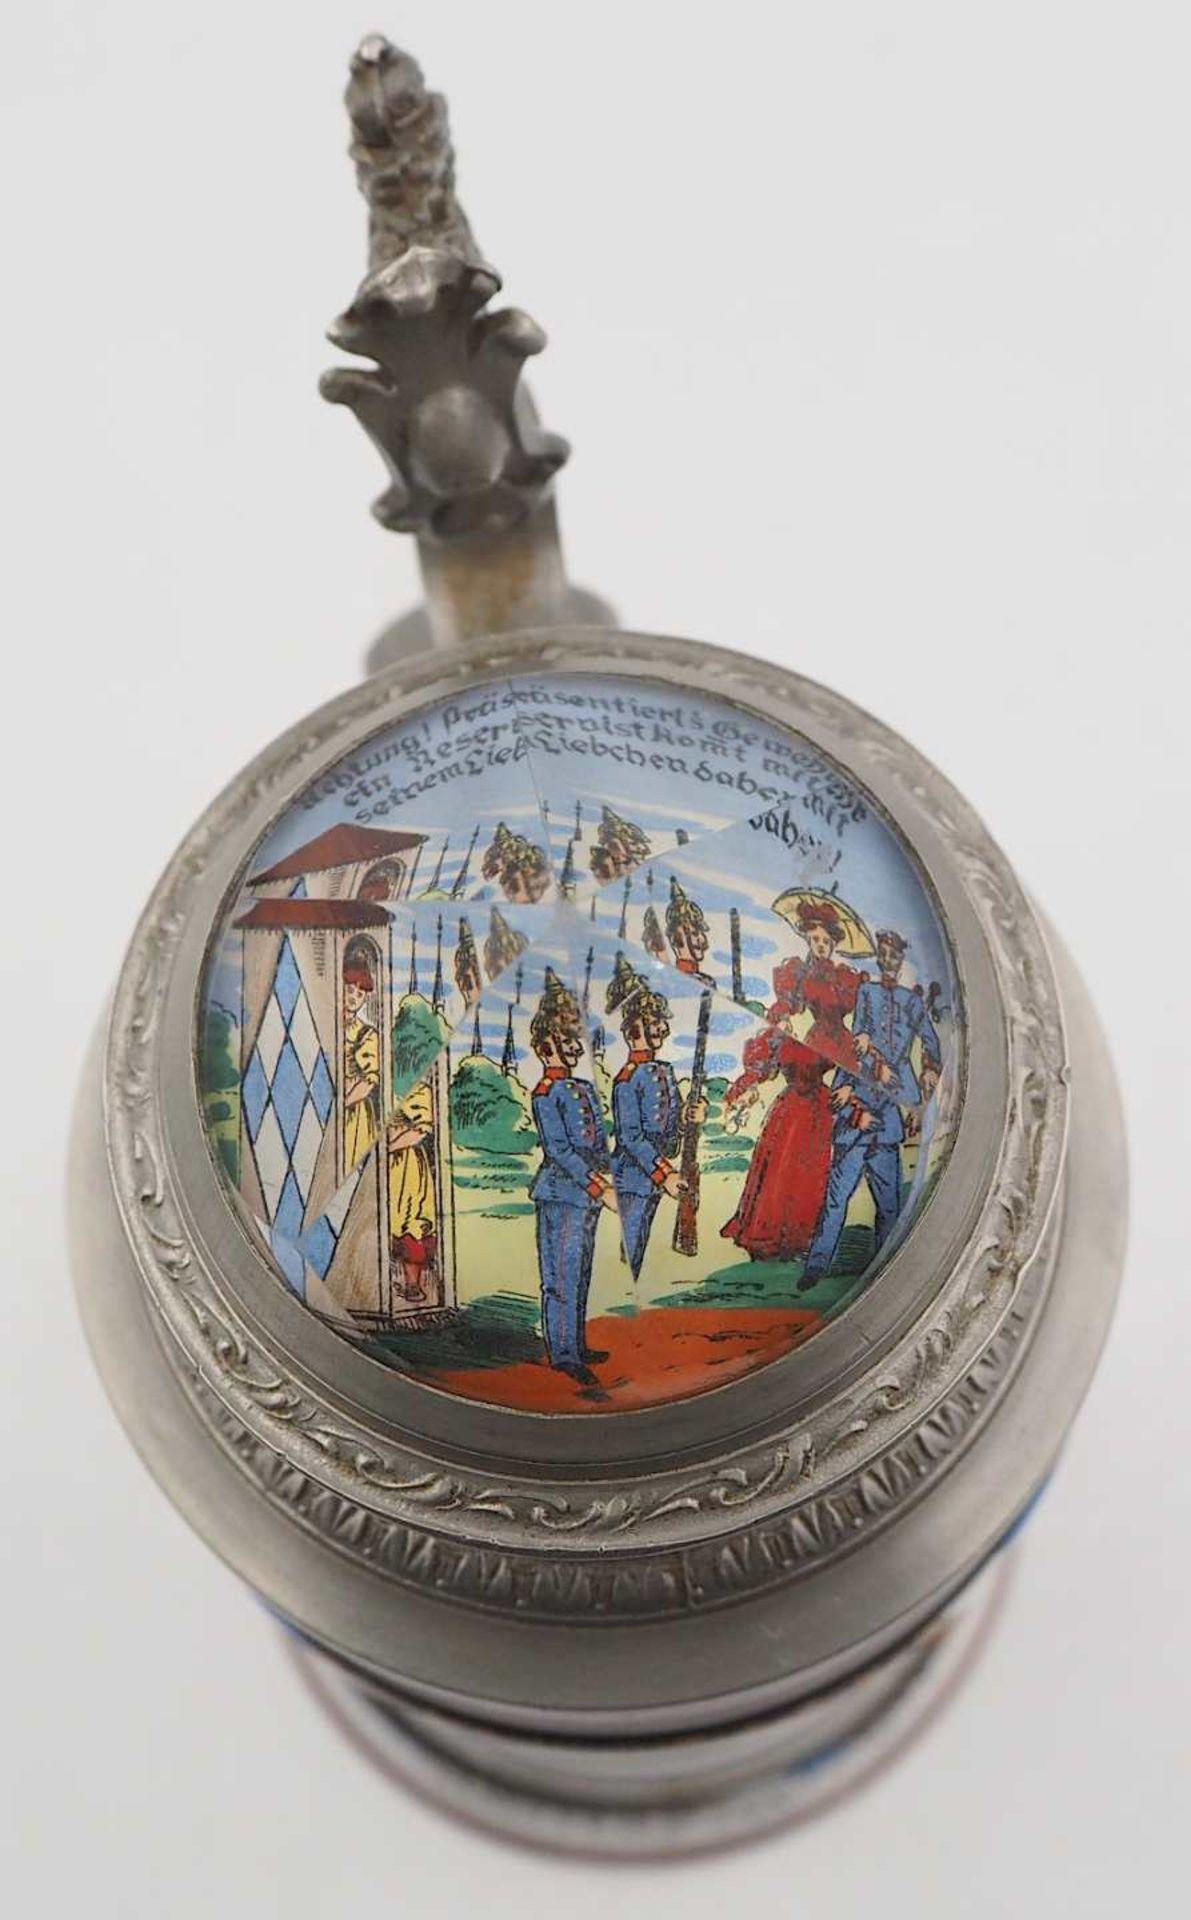 """1 Reservistenkrug """"Kgl. bayr. 14. Inft. Regt. """"Hartmann"""" 7. Comp. Nürnberg 1904-06"""" W - Bild 6 aus 6"""